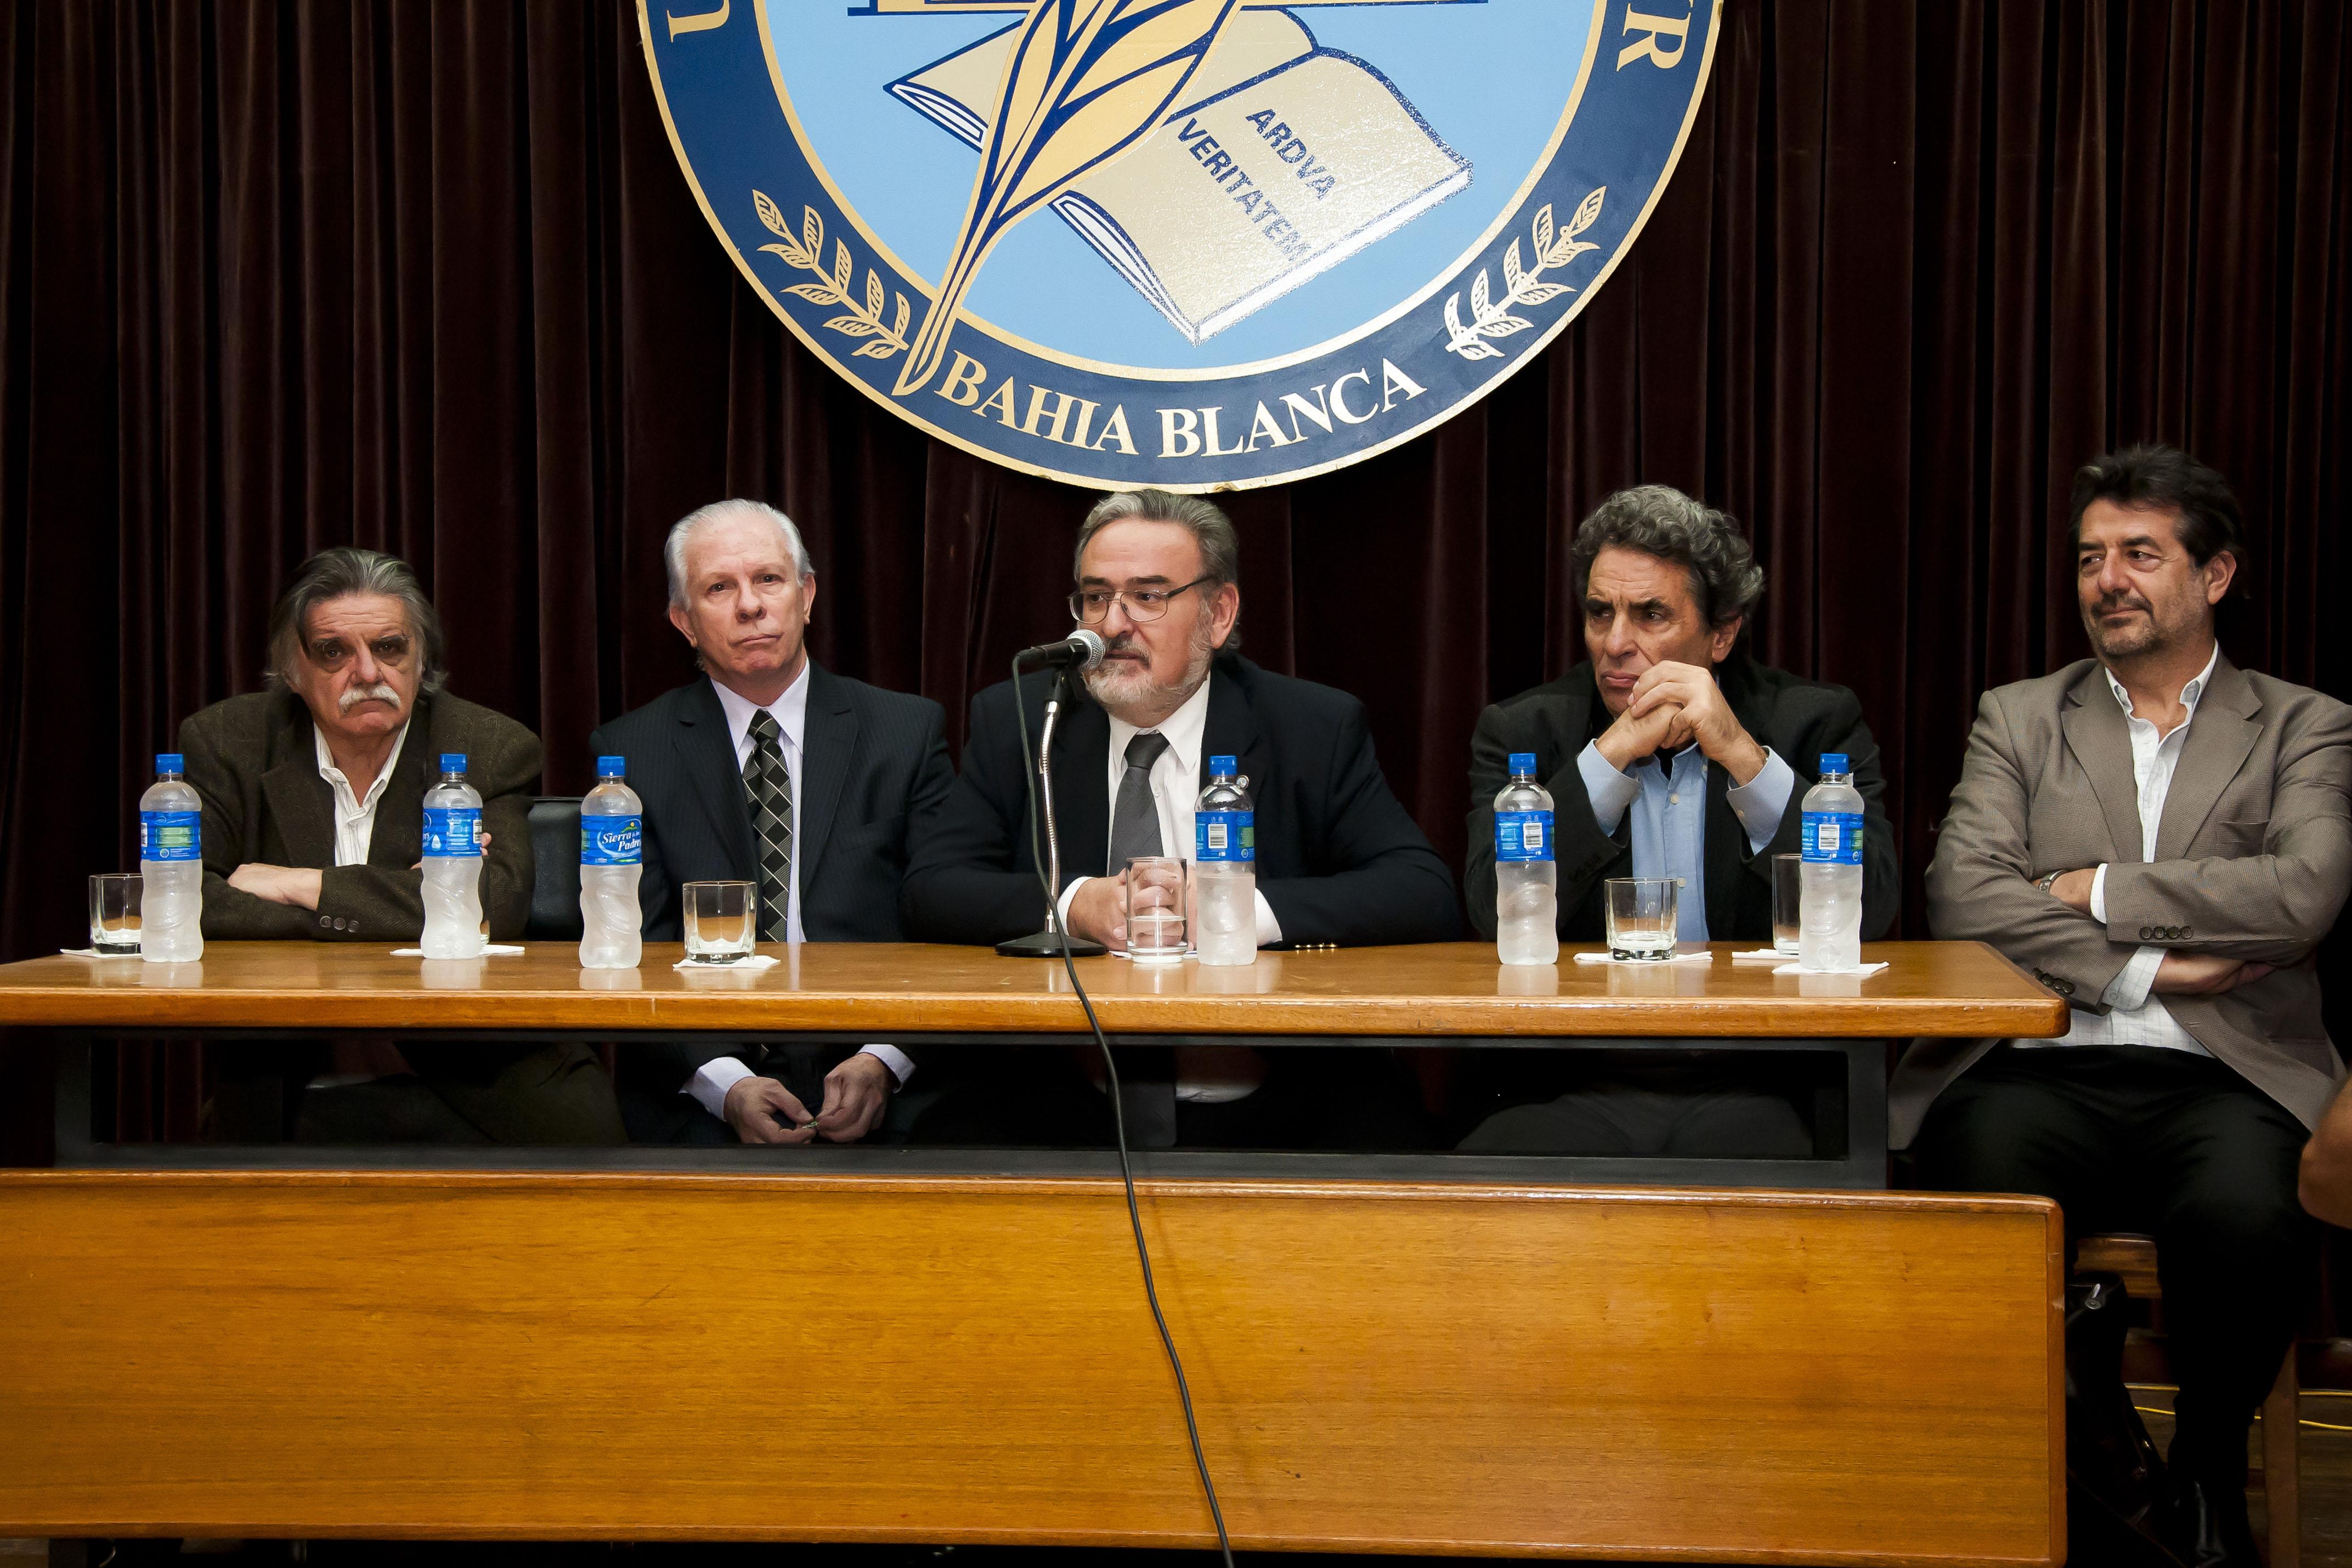 Vista de los disertantes en el acto del Complejo Alem- Horacio González, Hugo Cañón, Guillermo Crapiste, Eduardo Jozami y Fortunato Mallimacci